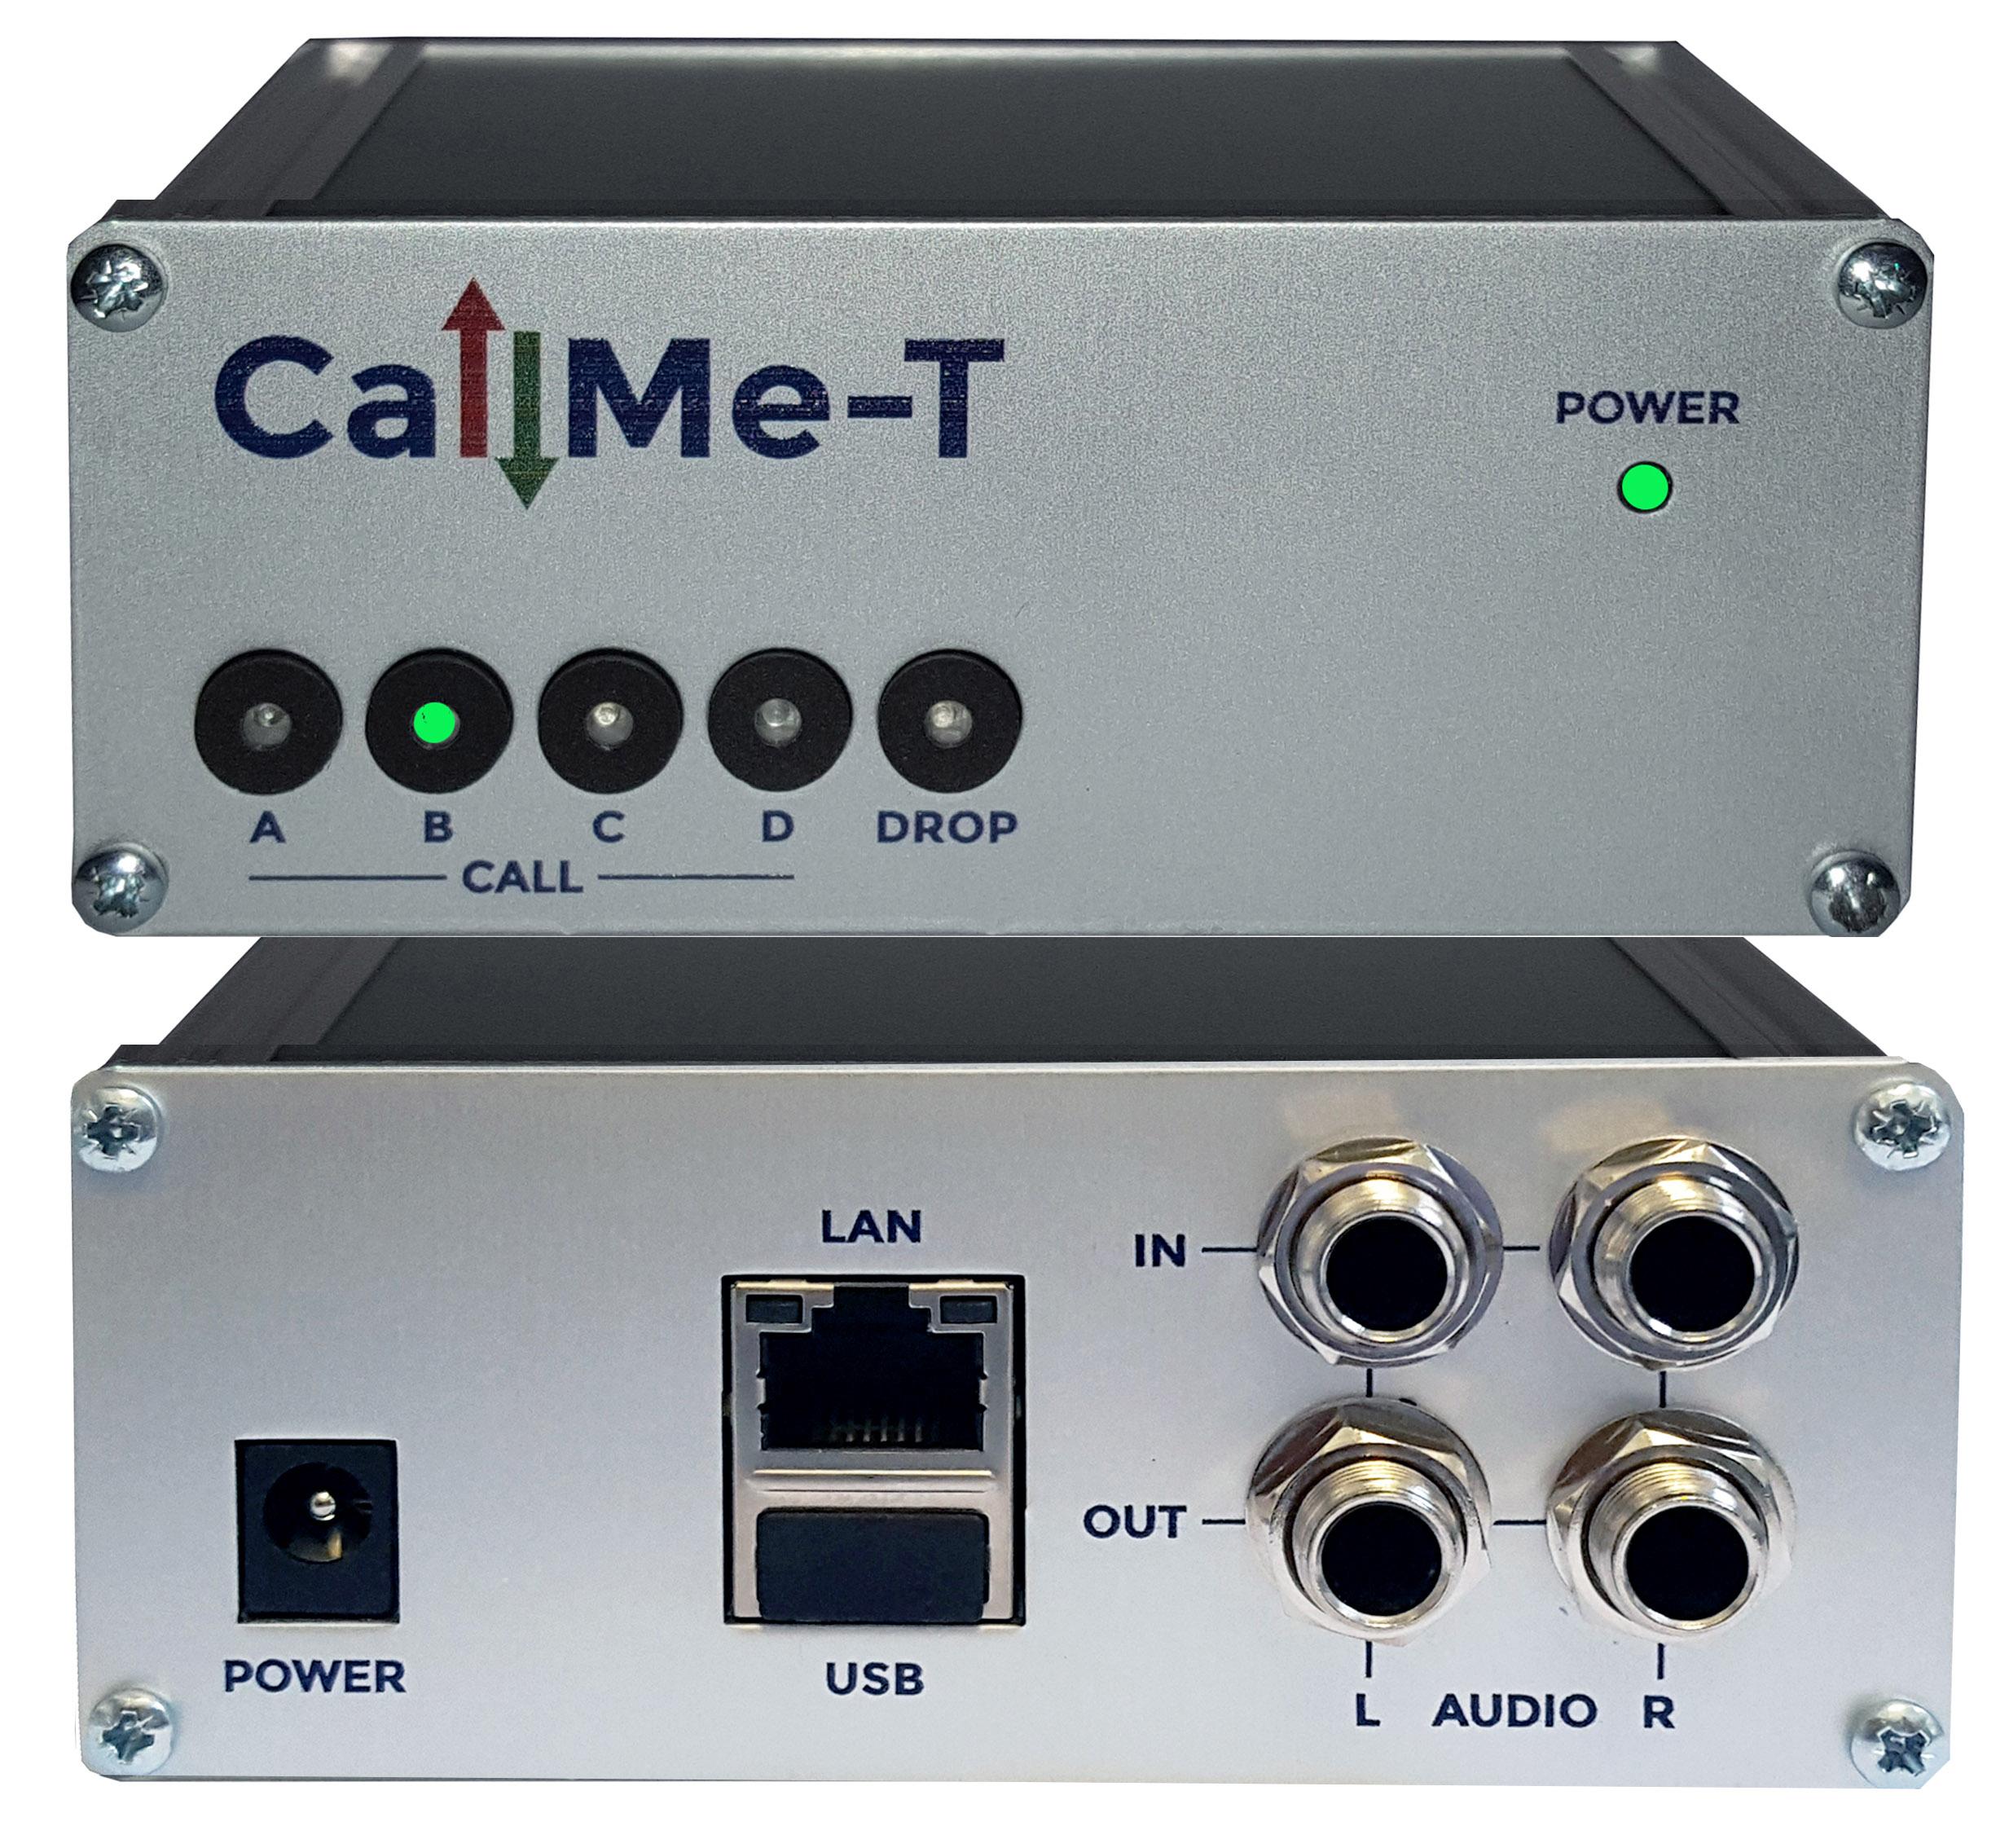 CallMe-T avant et arrière, avec les boutons Quick-Dial, la balance stéréo, l'USB audio et SmartStream. © Vortex.